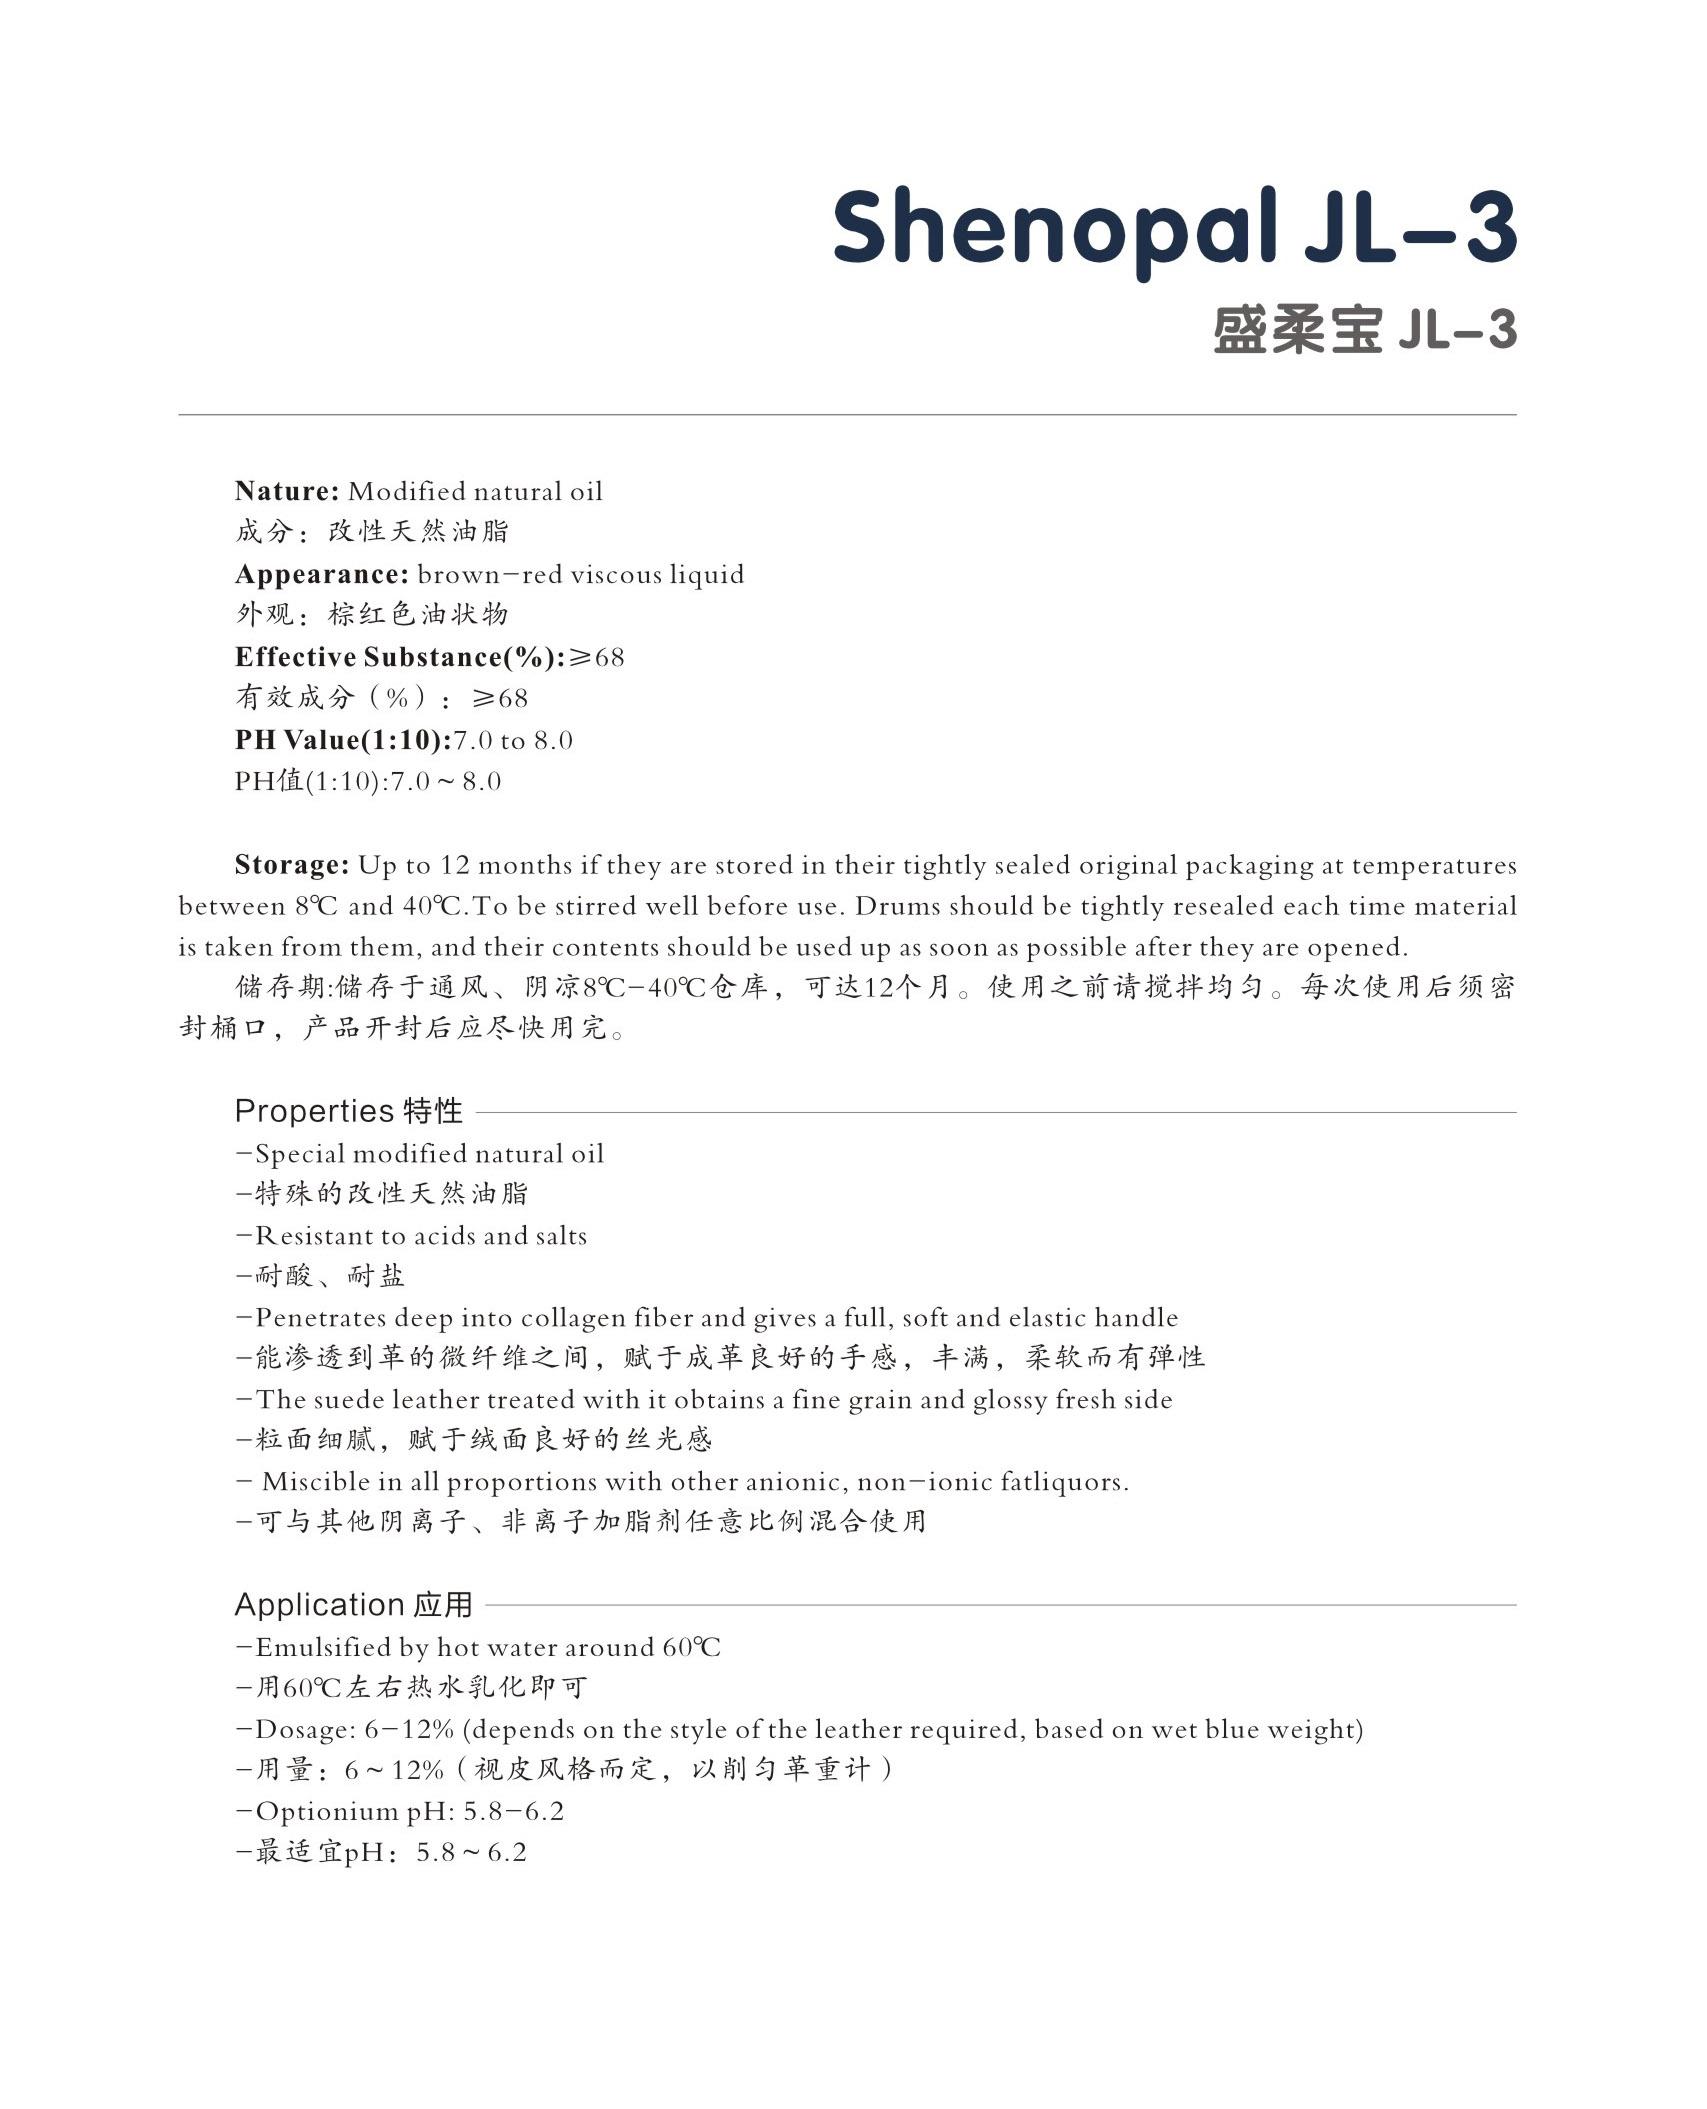 盛柔宝JL-3.jpg